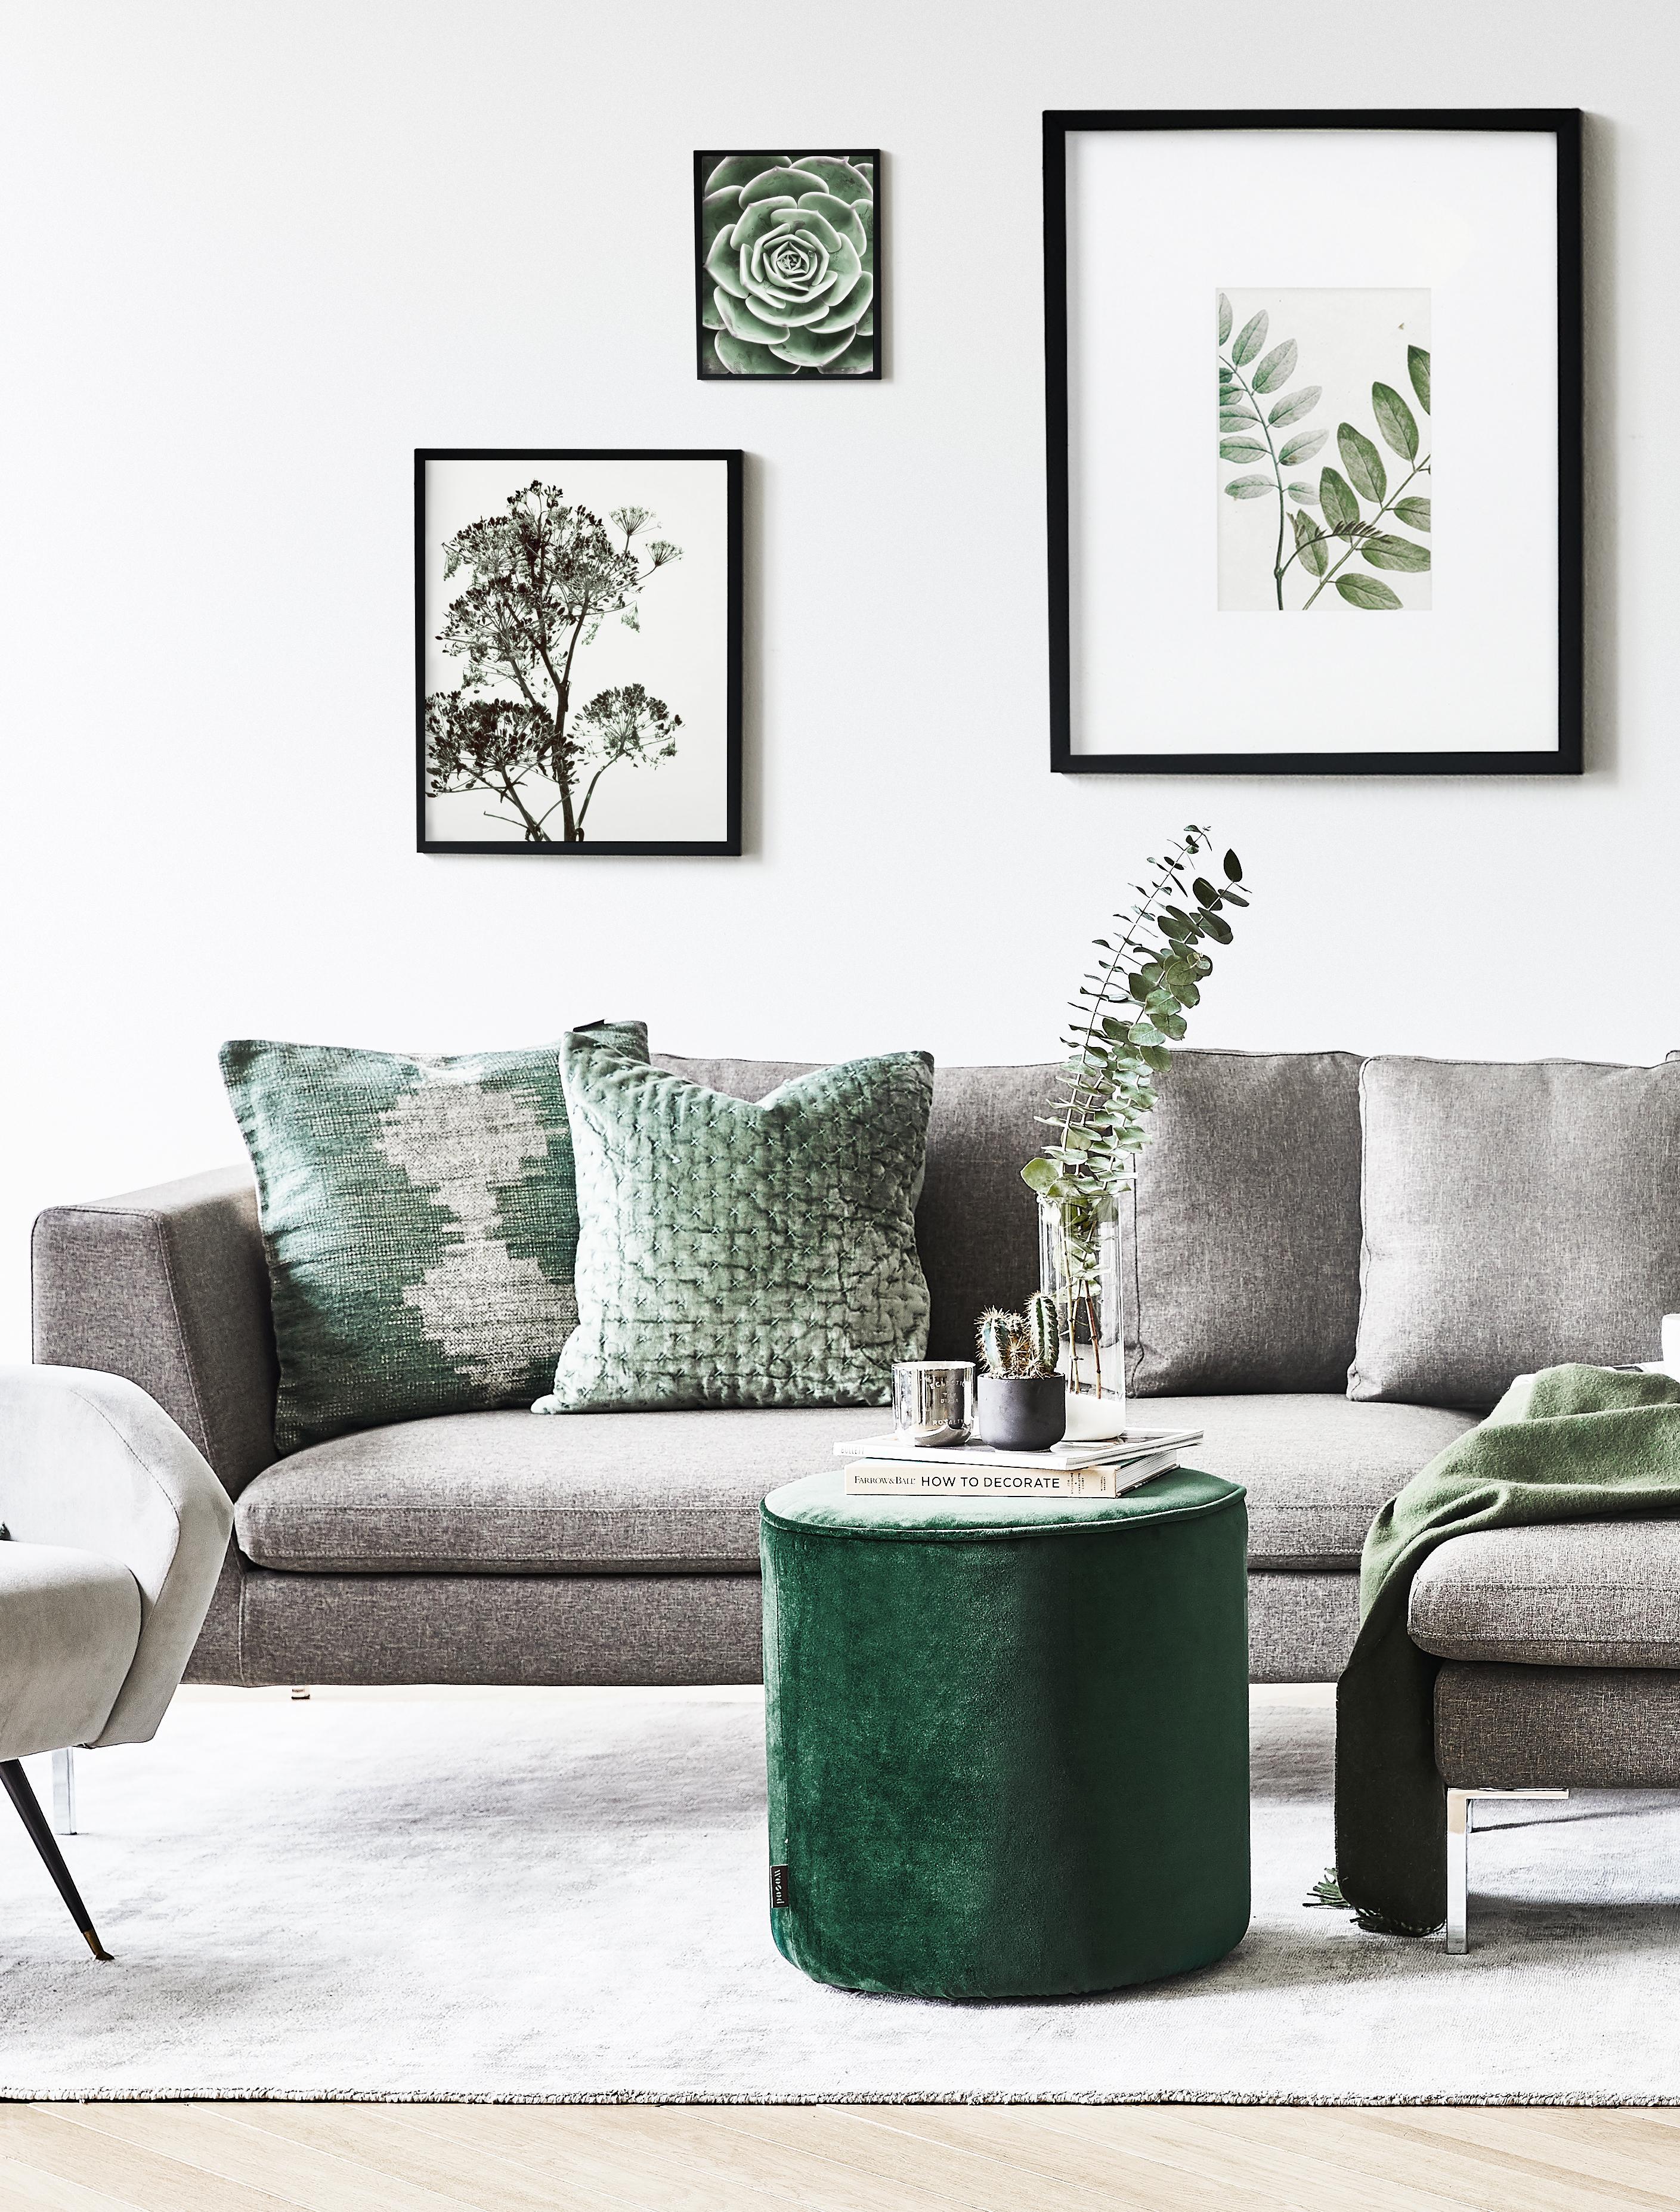 Sofa in einem Wohnzimmer im Mix mit grünen Accessoires und Wandbildern mit Naturmotiven zur Gemütlichkeit